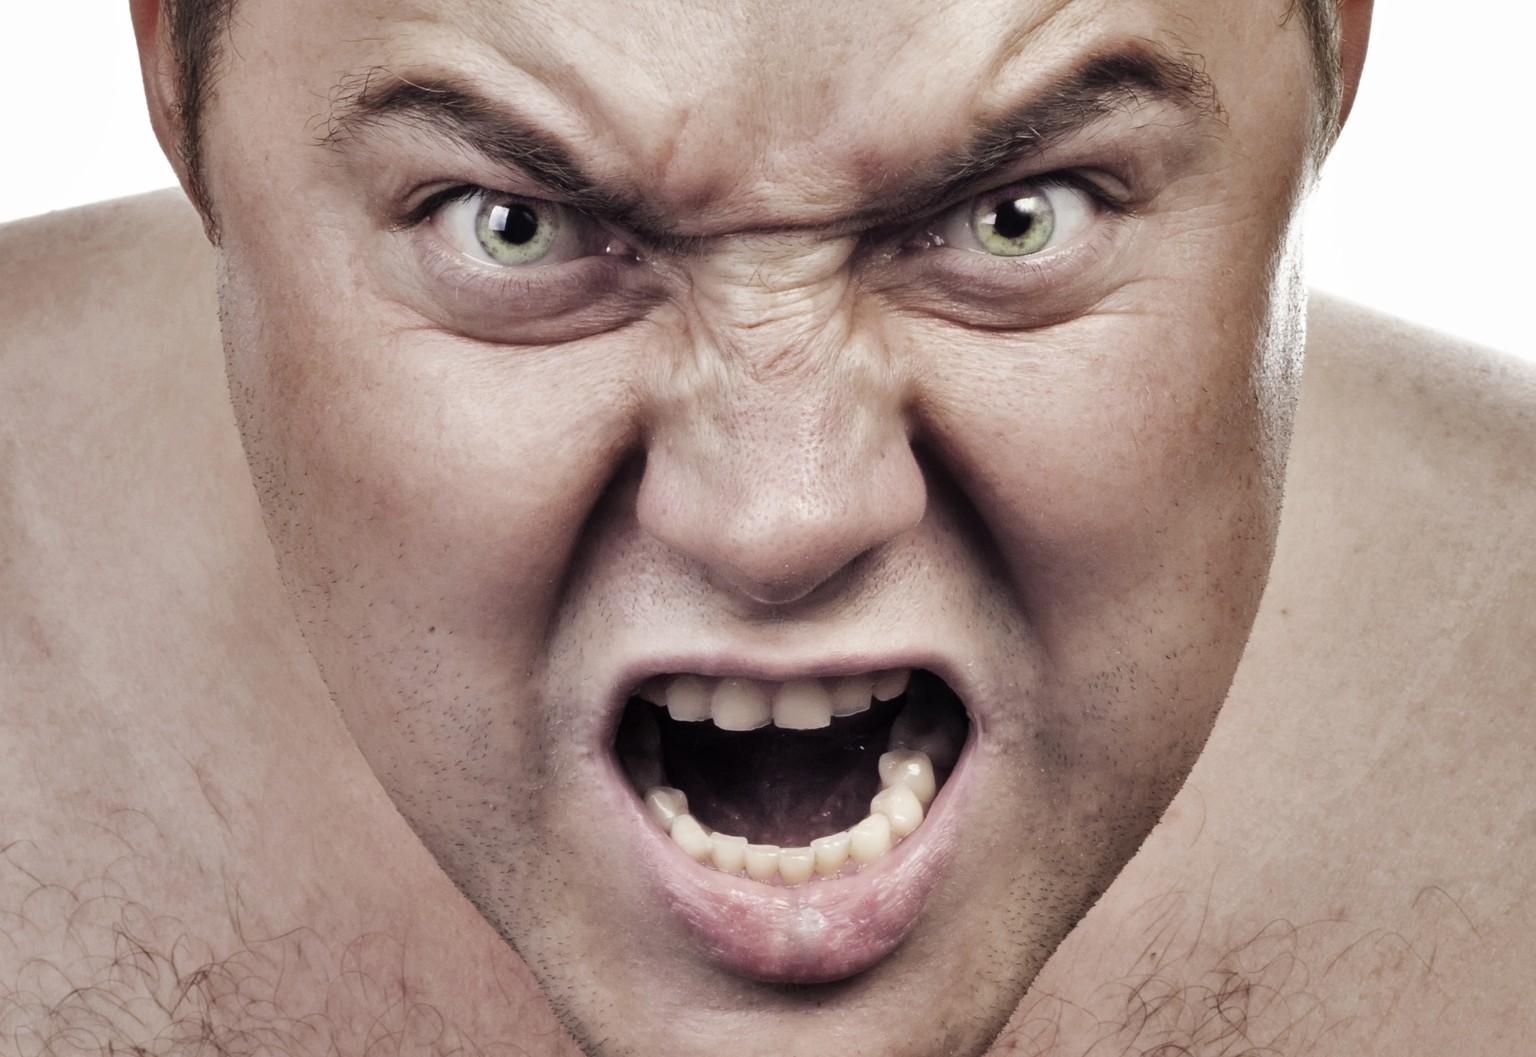 Wut Gesicht